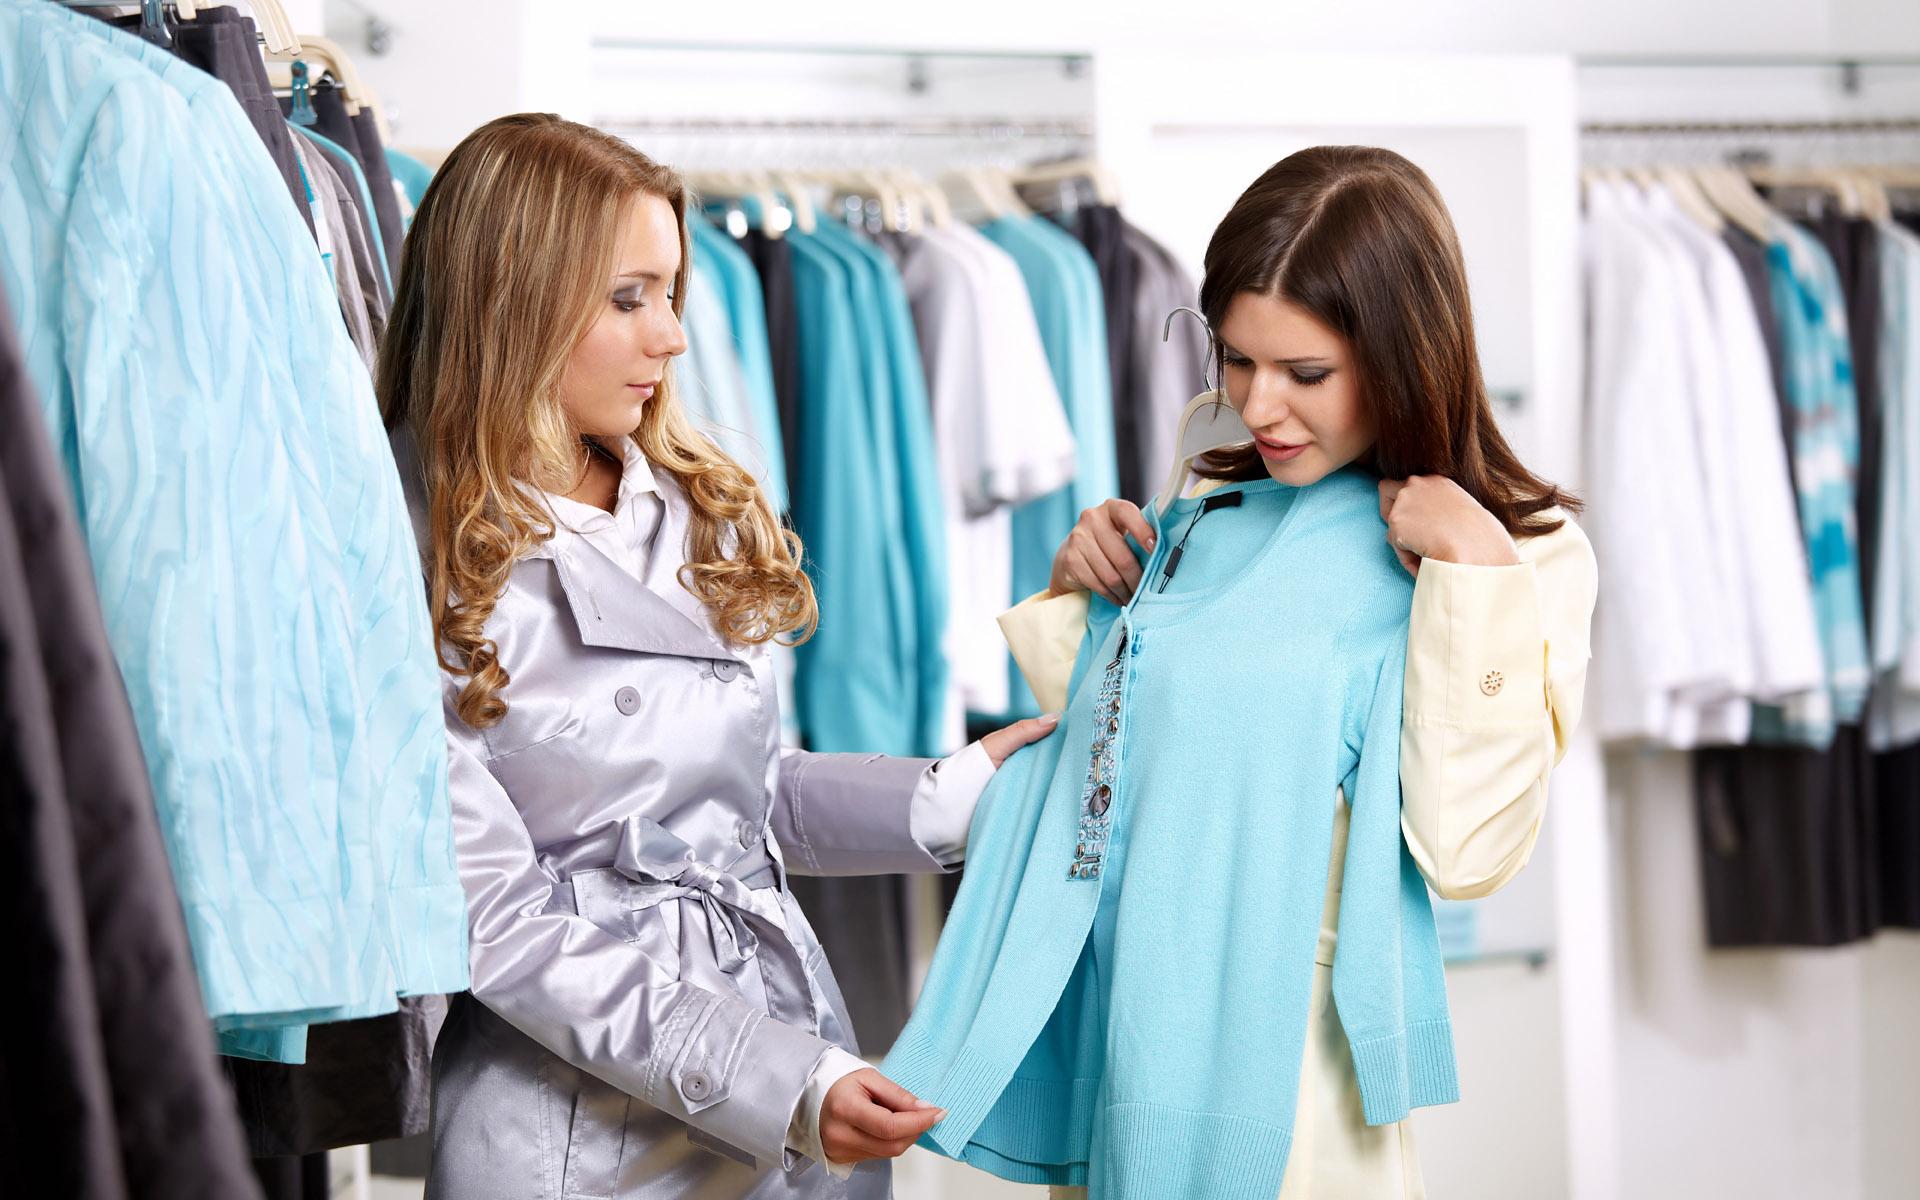 Фото с фирмами одежды